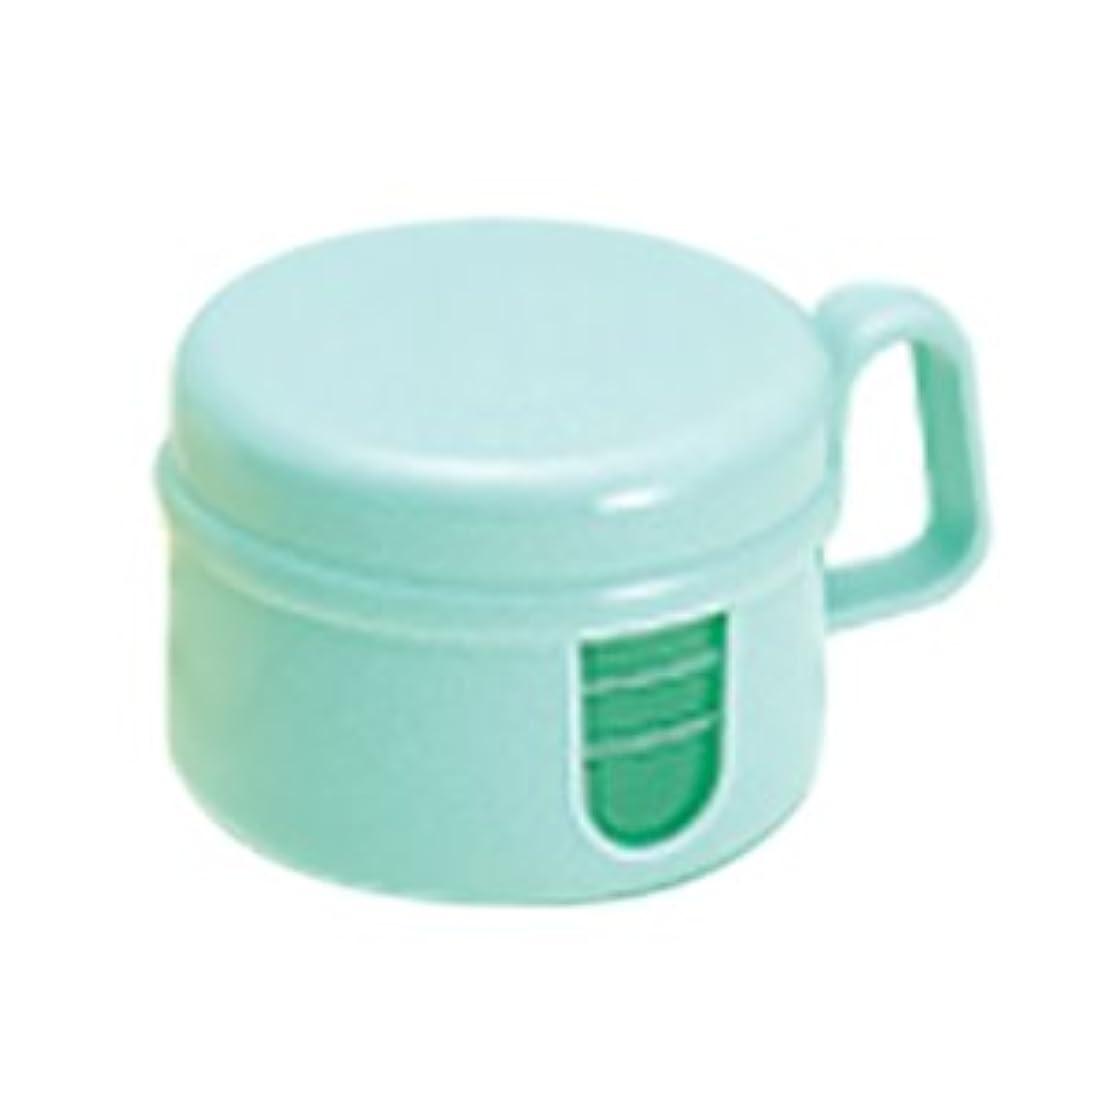 フリンジこっそりエイリアス松風 ピカ 入れ歯 洗浄保存容器 グリーン